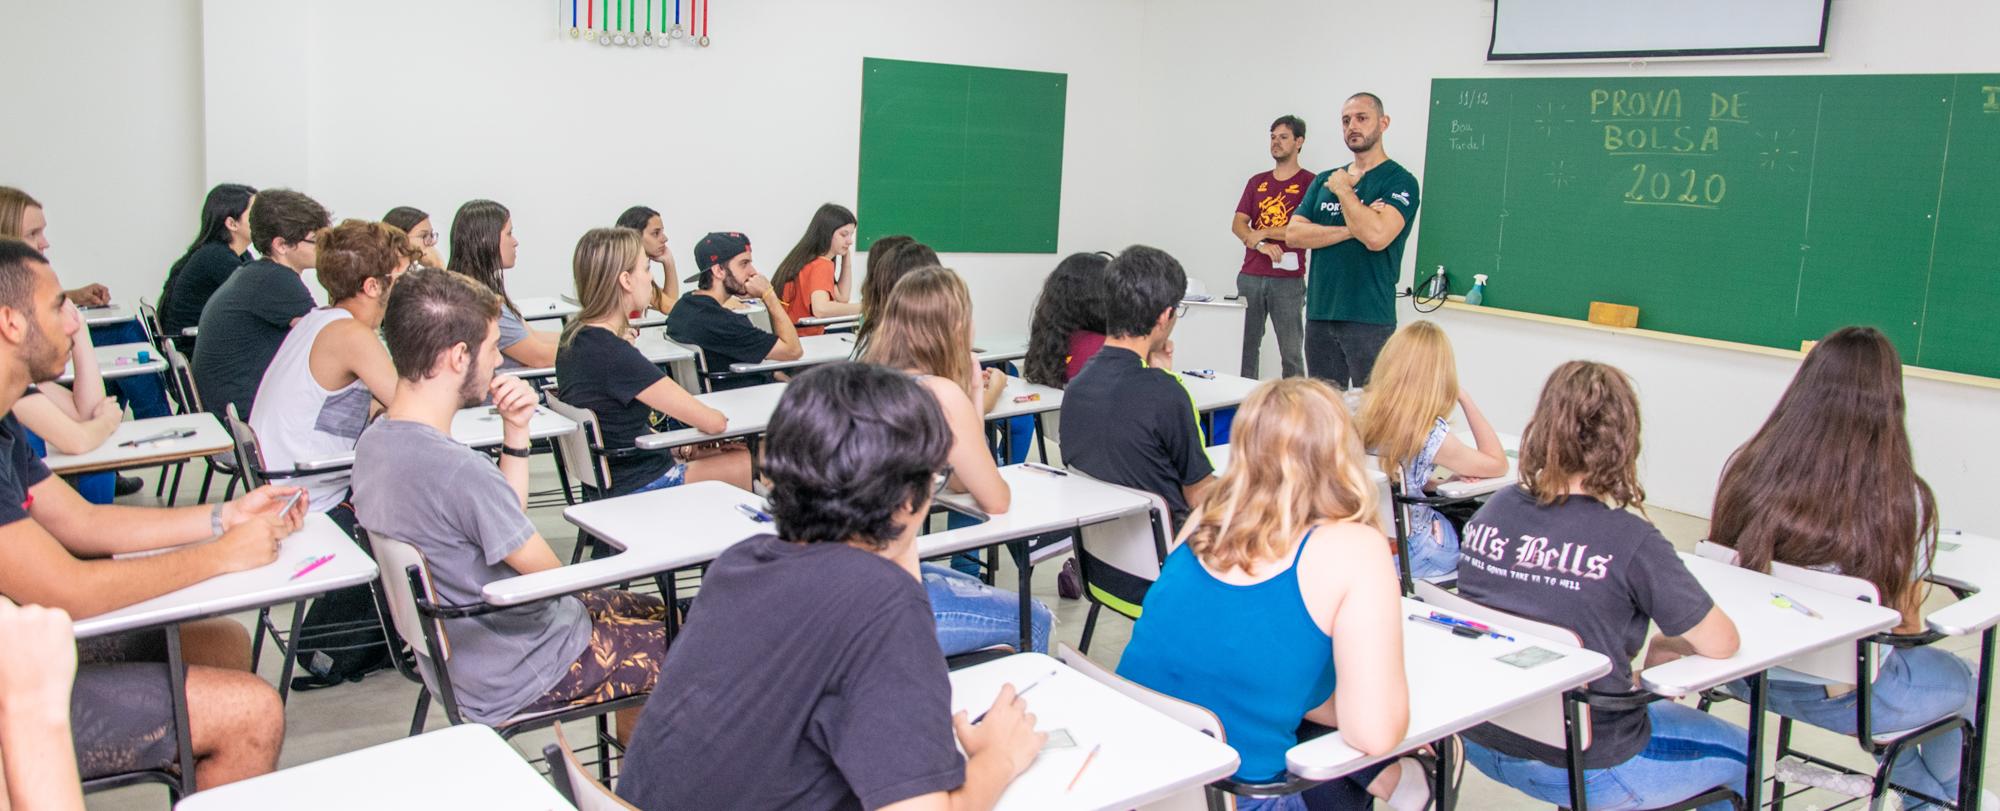 Jovens de Limeira e região participam da Prova de Bolsas para o Pré-Vestibular 2020